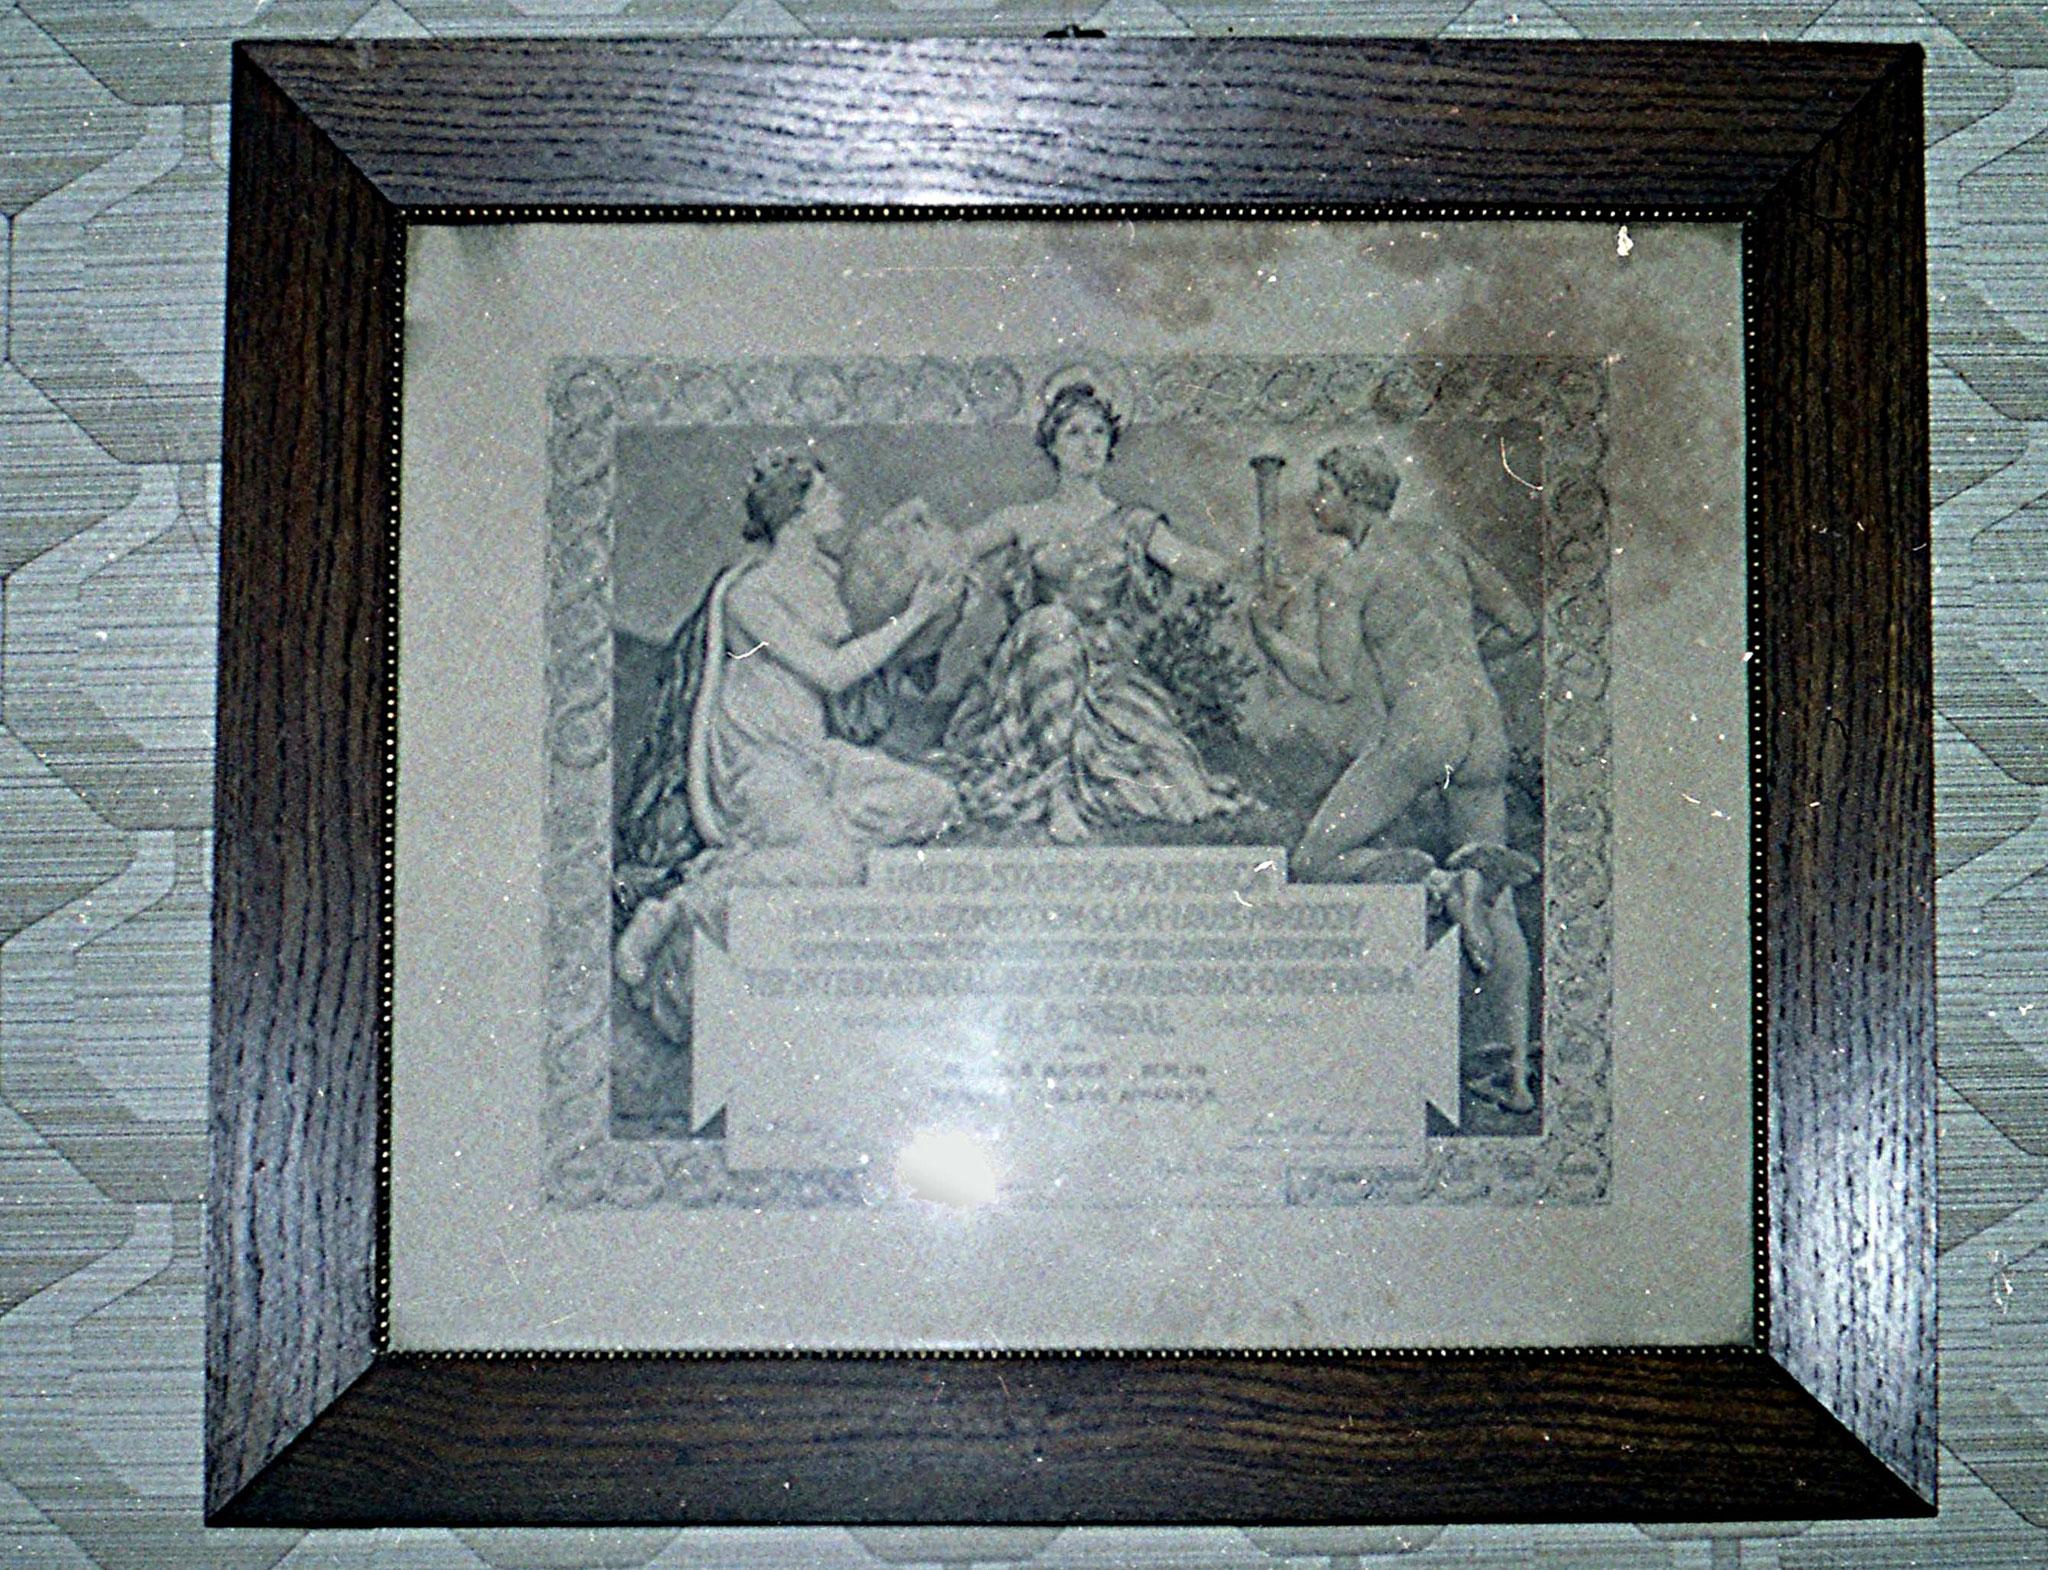 Originalurkunde zur Goldmedaille Weltausstellung St. Louis 1904